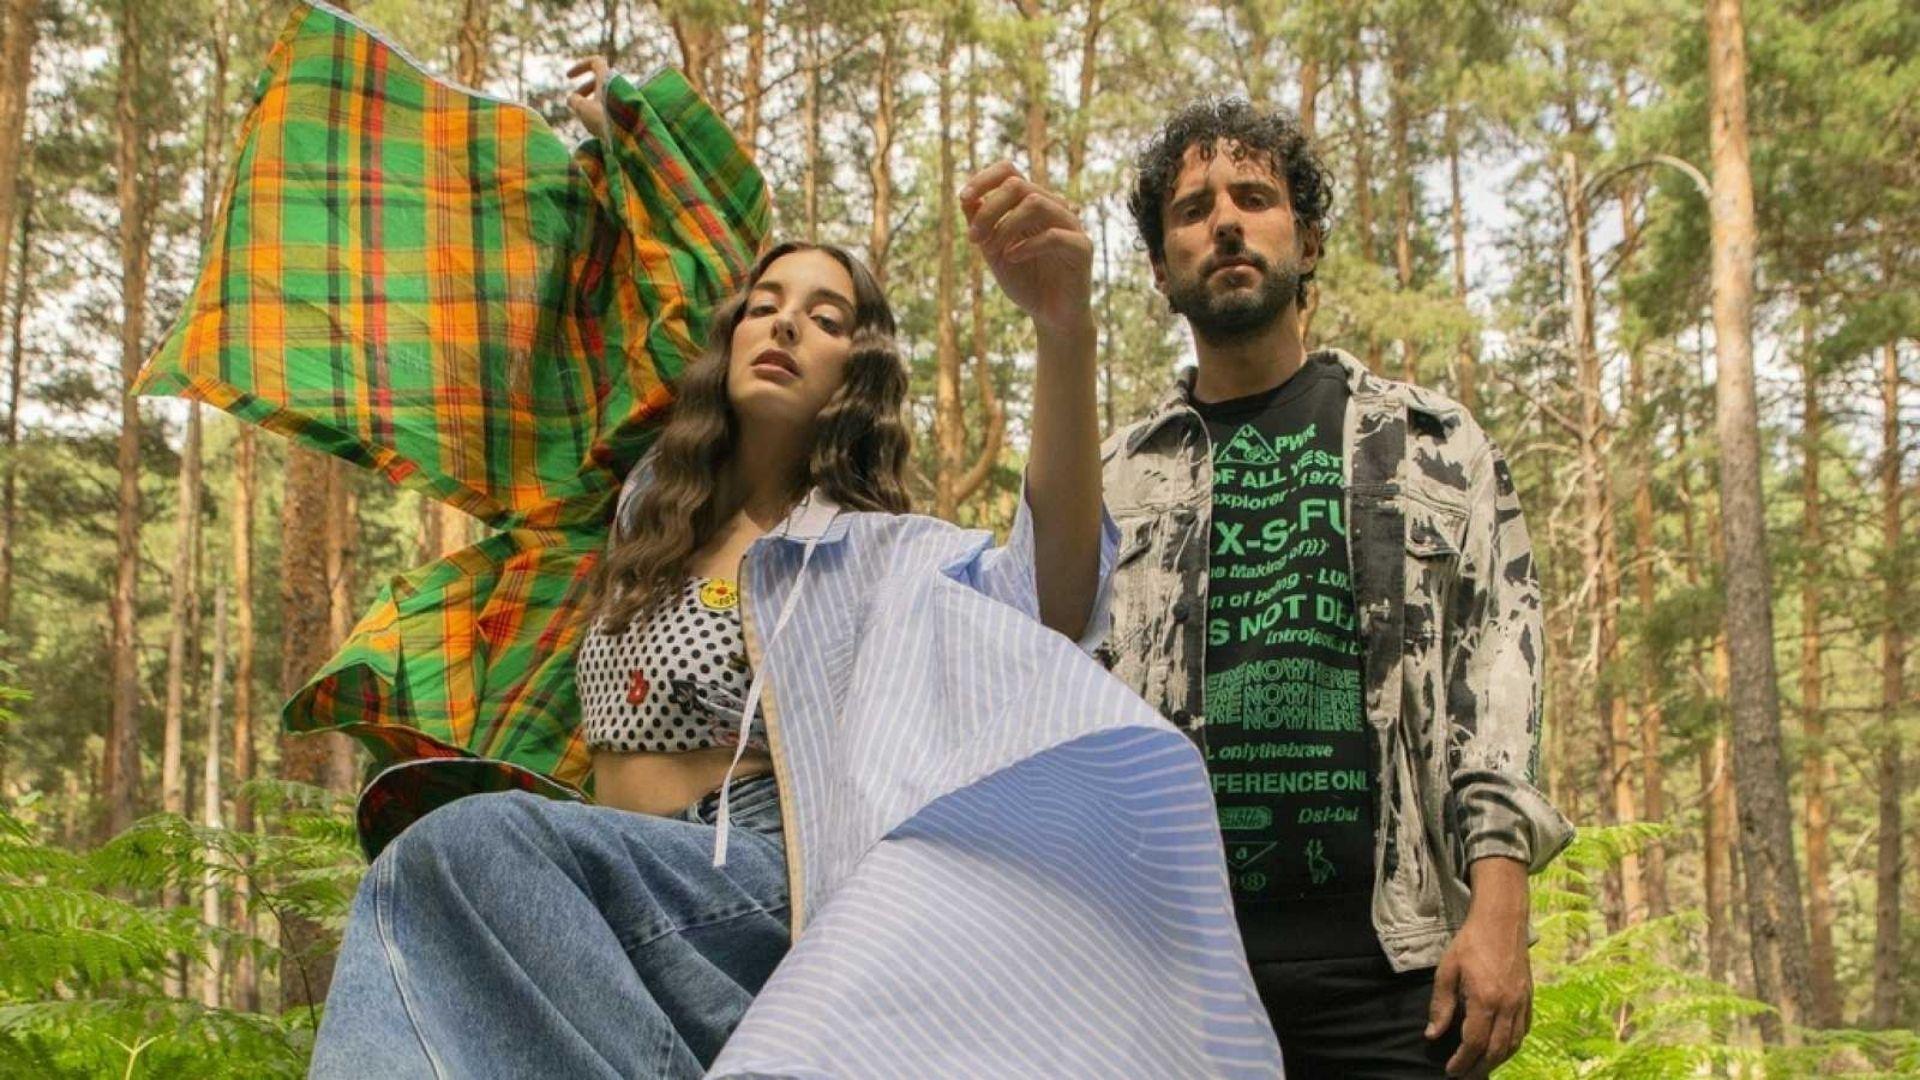 Sandra estudió Psicología, empezó cantando en bodas y ahora vuelve al directo con el pop electrónico de Delaporte, el grupo que formó en 2015 con Sergio Salvi.